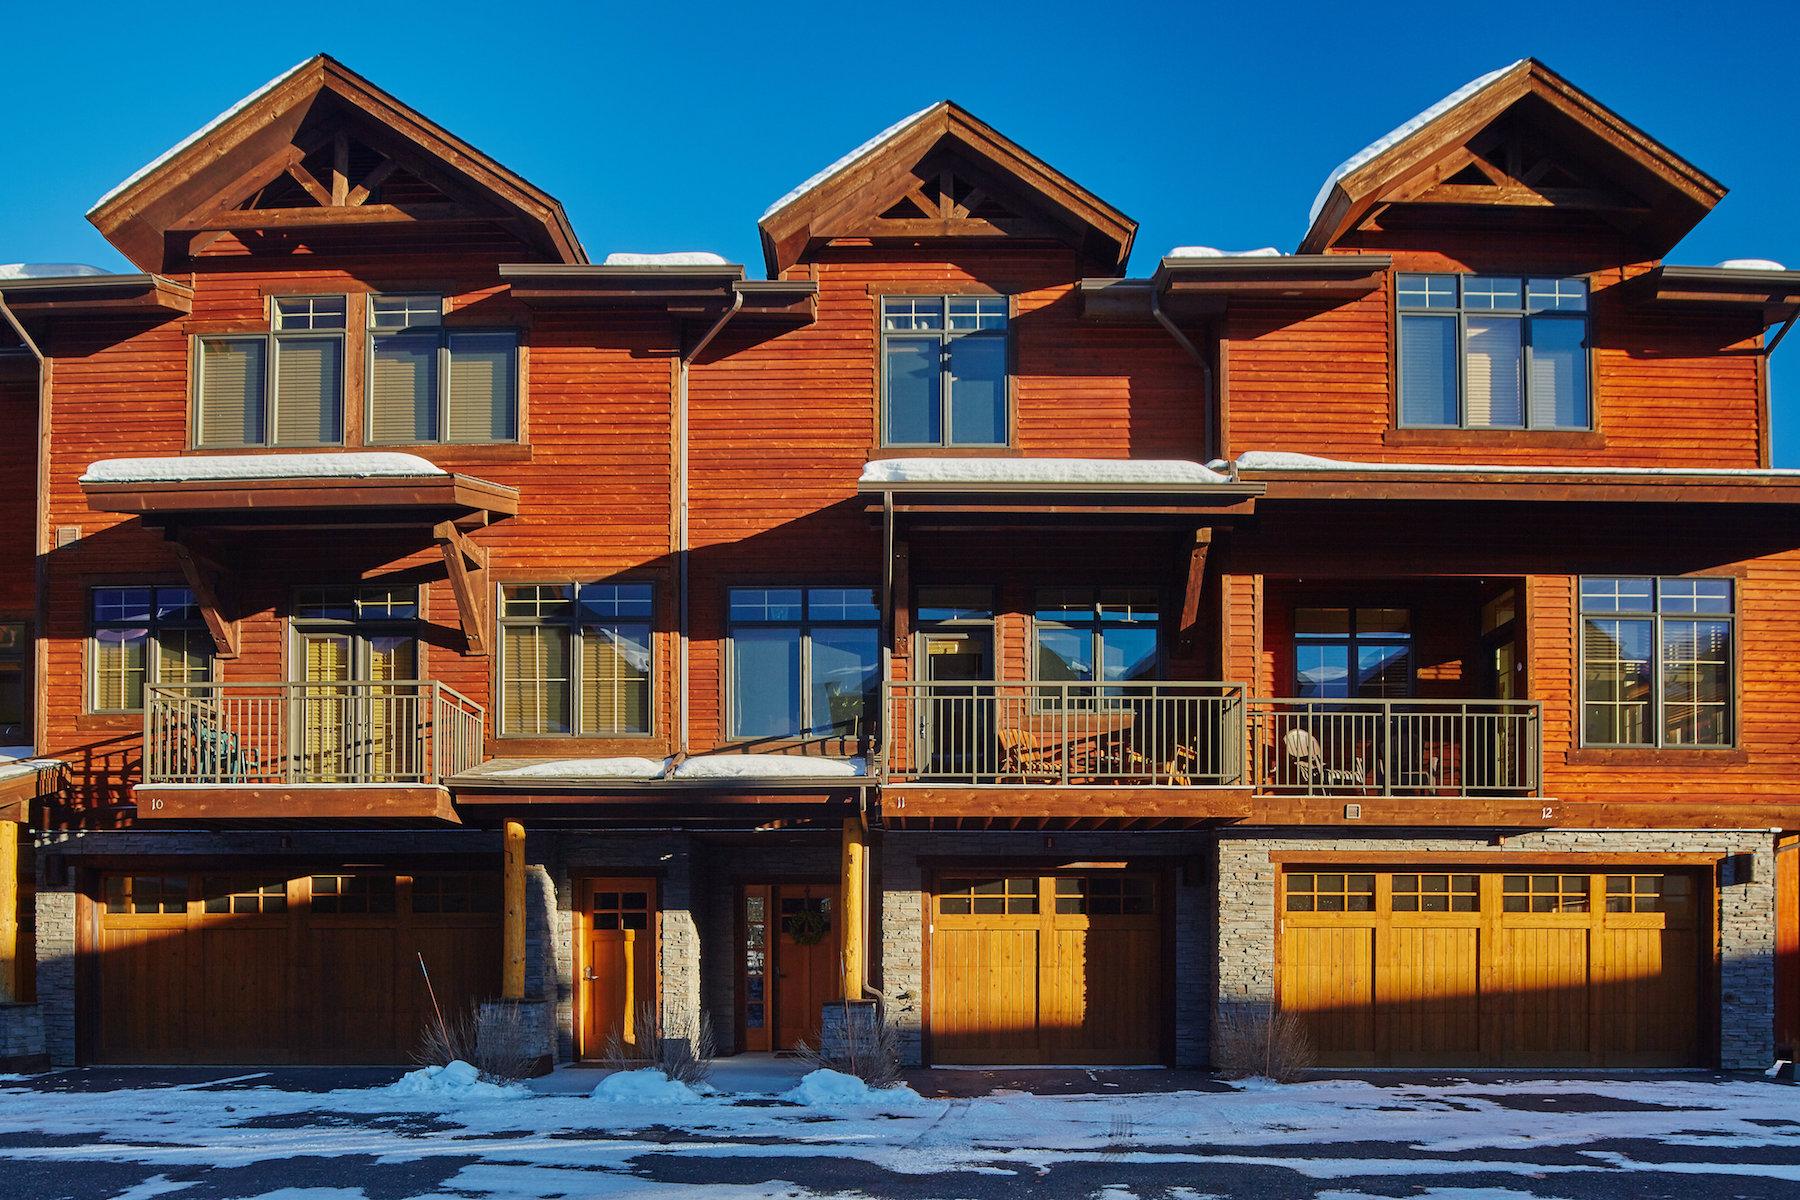 Property For Sale at Spanish Peaks Condominium